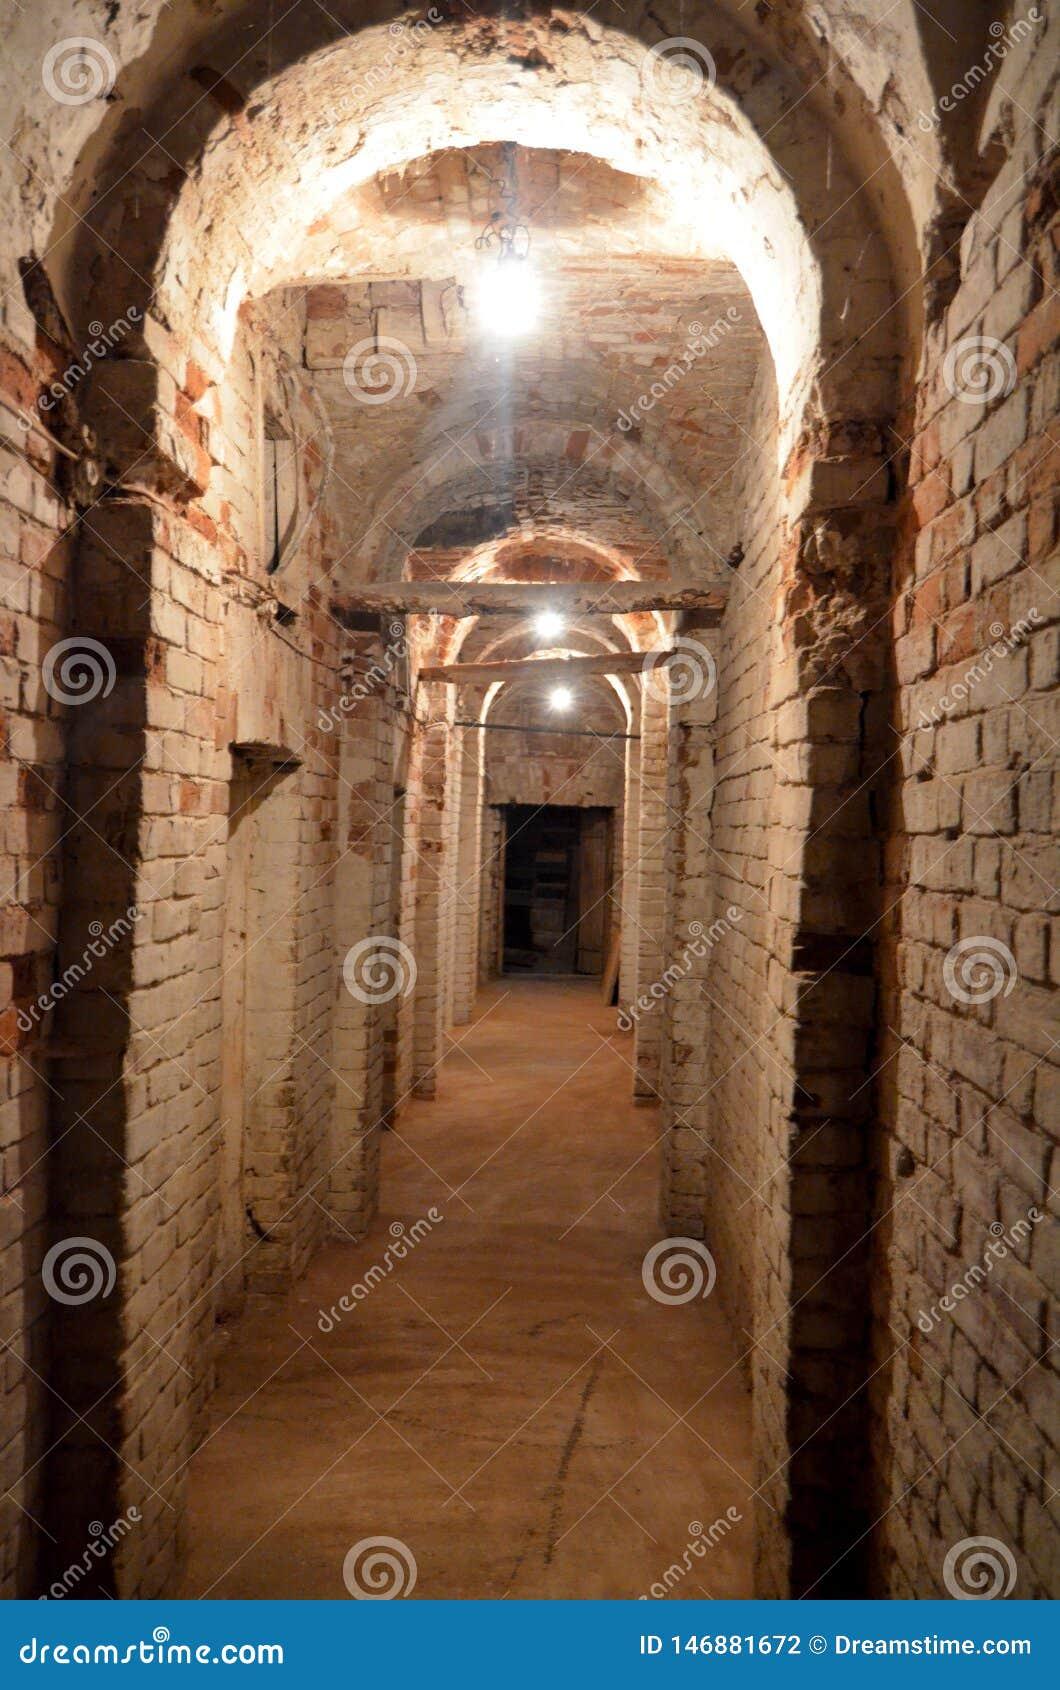 Un long couloir souterrain sombre menant à nulle part